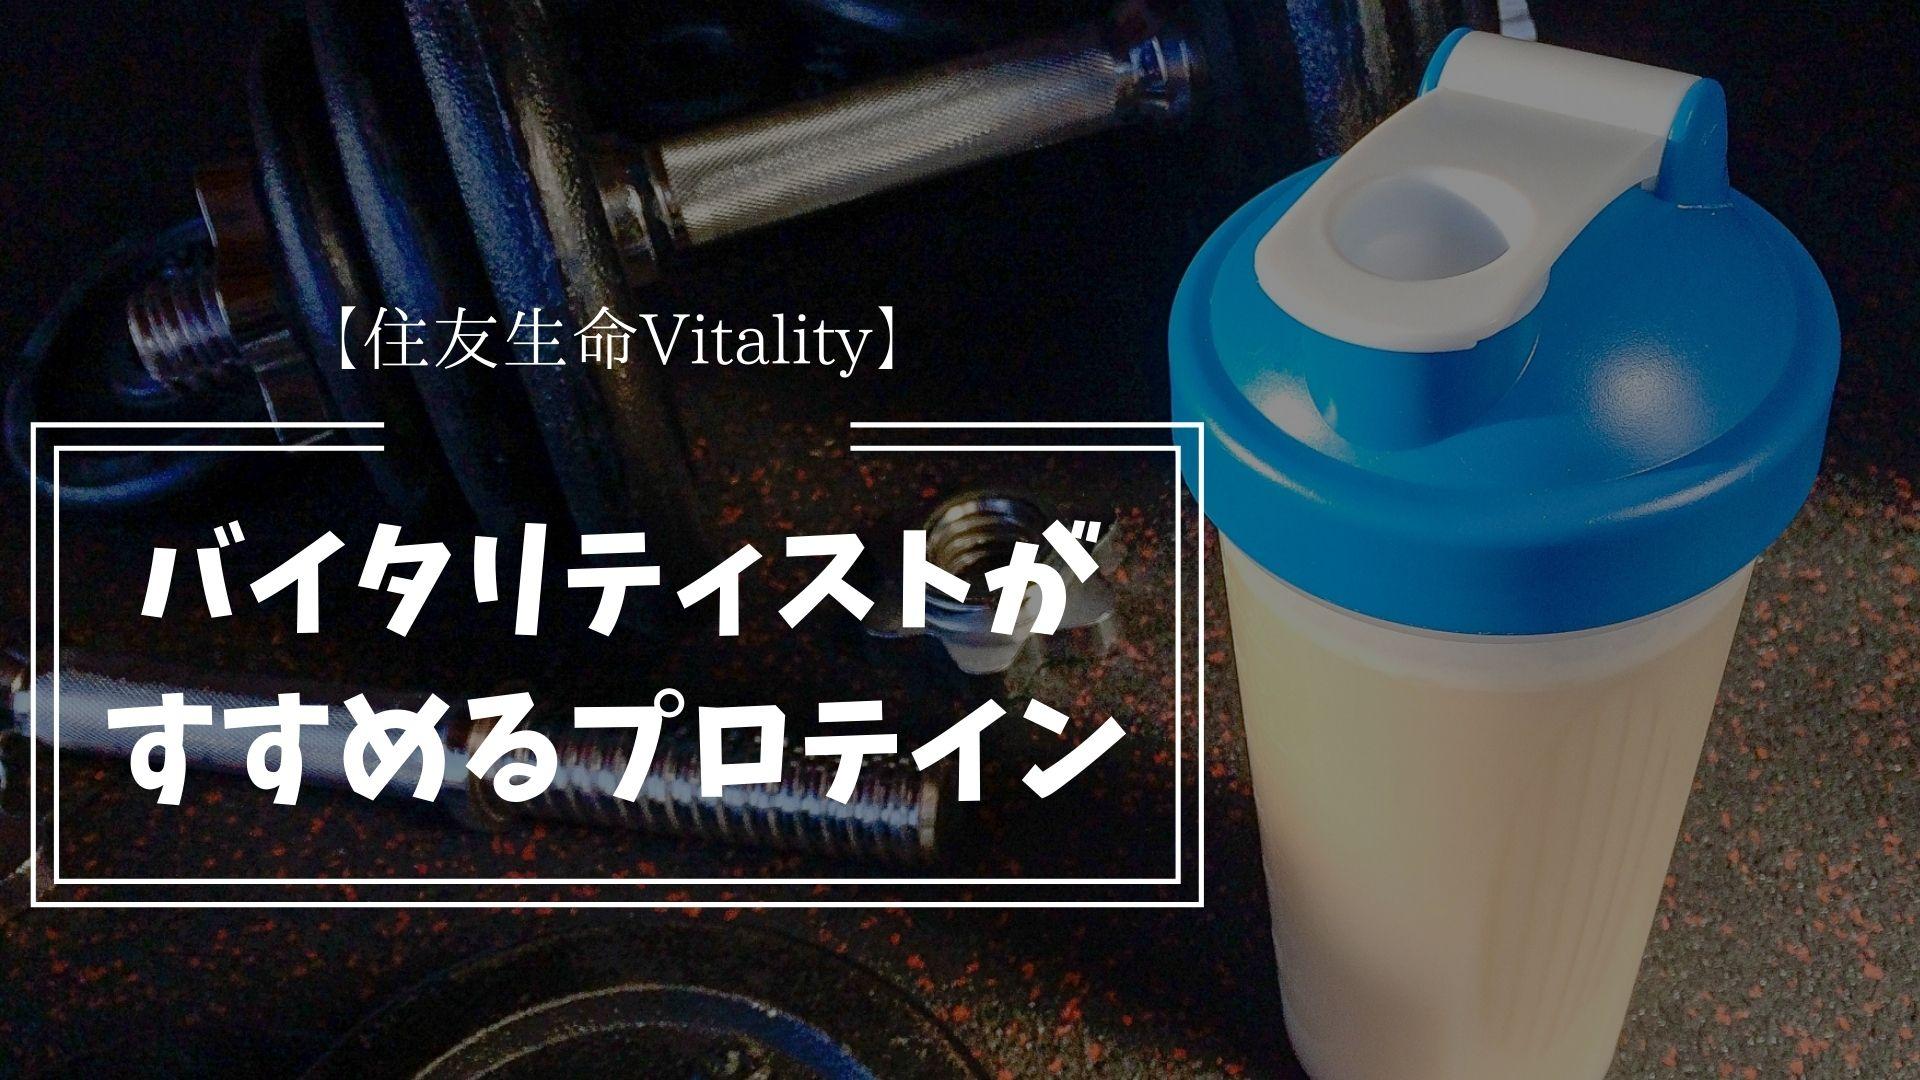 【住友生命Vitality】プロテイン